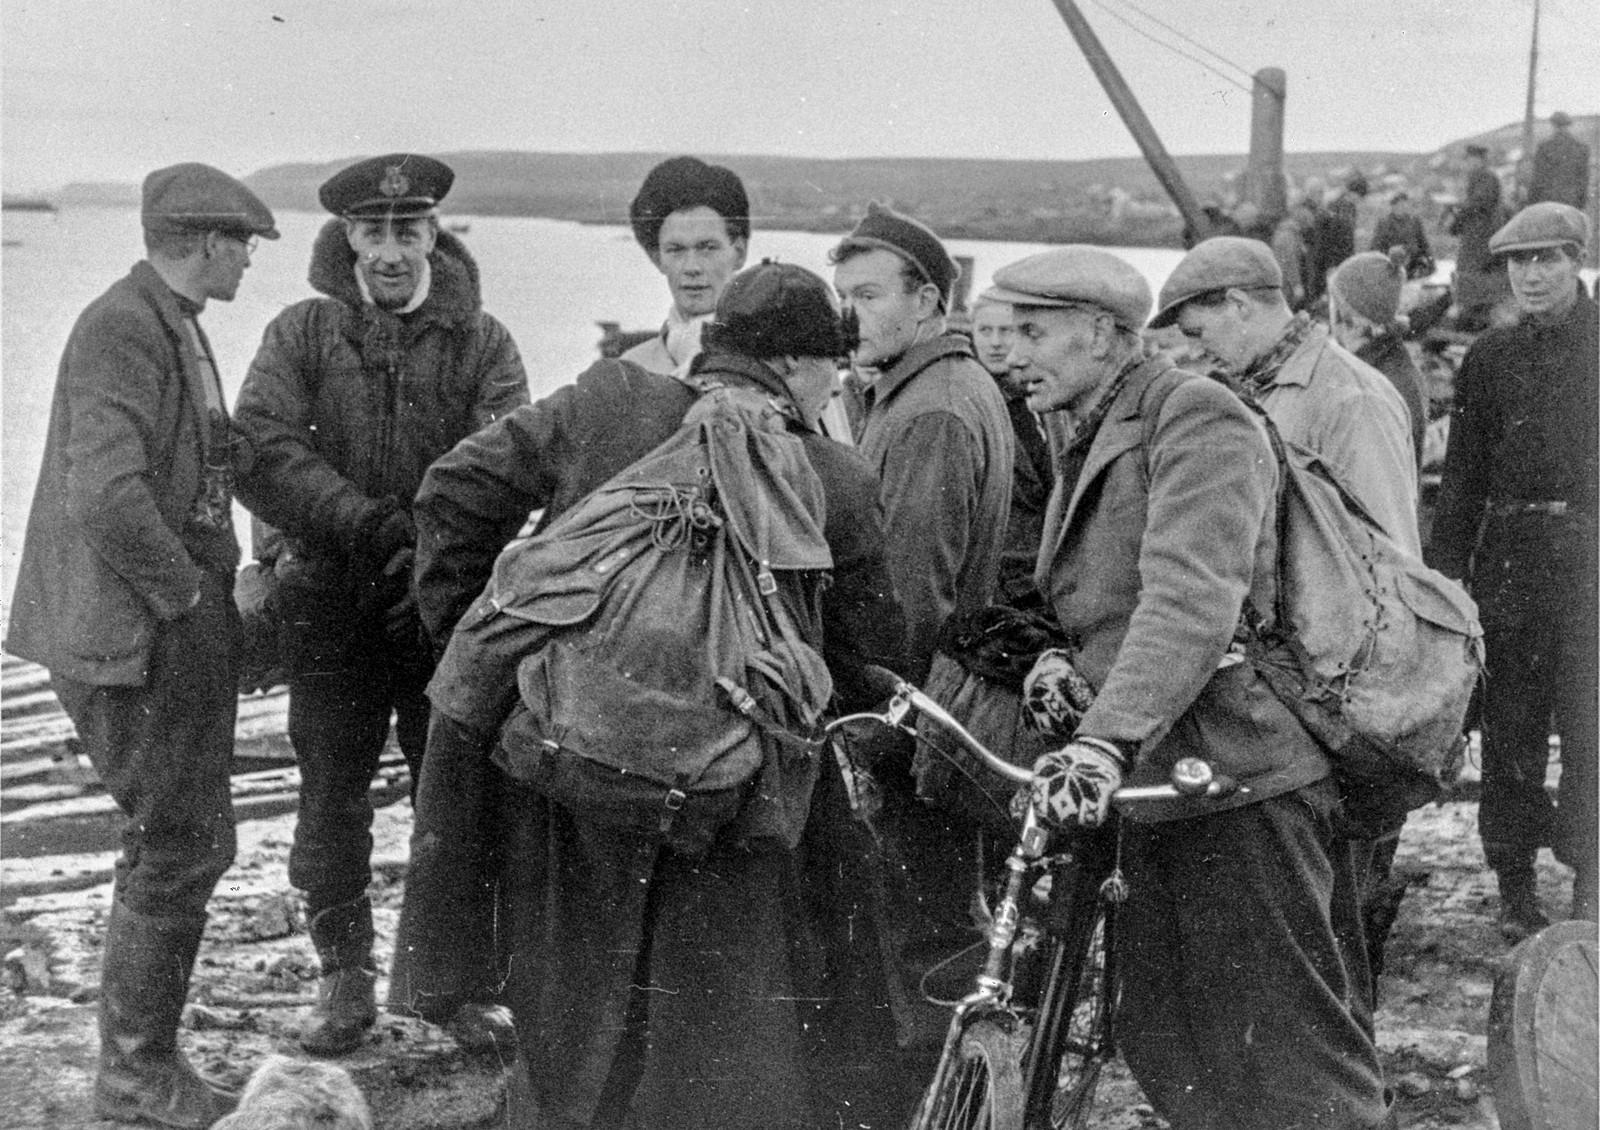 Original bildetekst: En av de første novemberdager i år ankom fra Storbritannia til Nord-Norge en norsk militærdelegasjon under ledelse av oberst A.D. Dahl. Samtidig fulgte norske styrker som var utdannet i United Kingdom.  Ved ankomsten til Vadsø var den del av befolkningen som var blitt tilbake, møtt frem på bryggen.